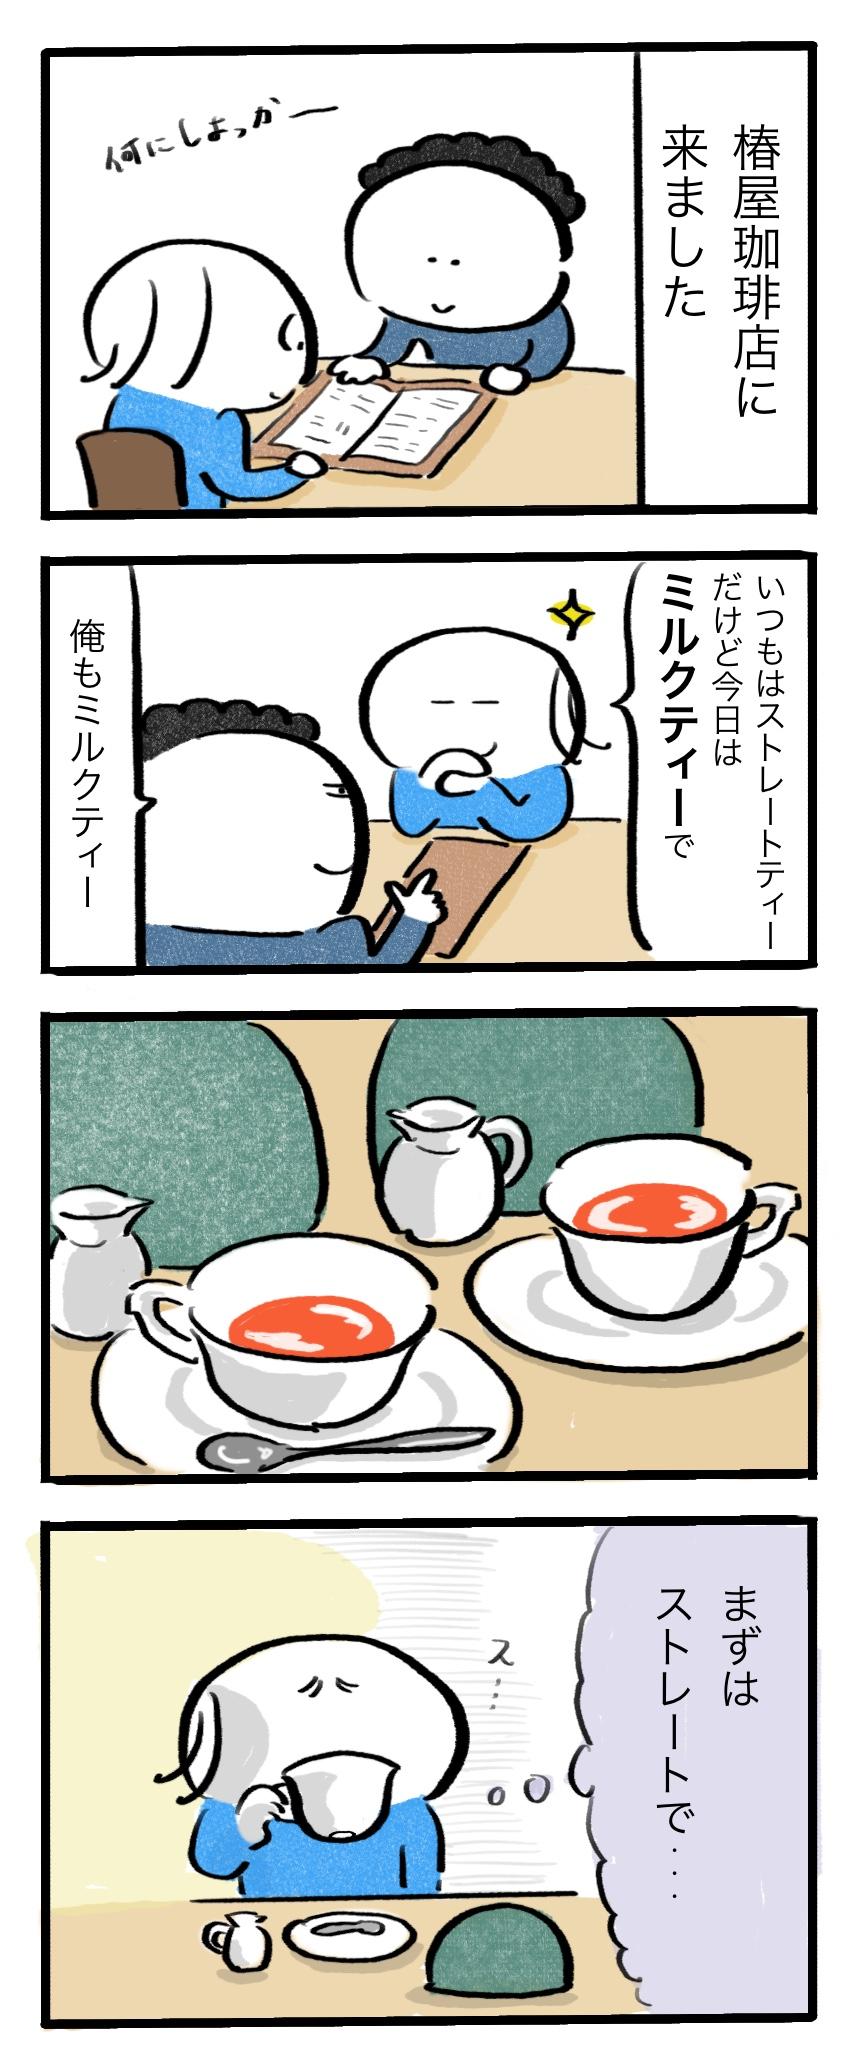 椿屋珈琲店にやって来た夫婦。いつもはストレートティーを頼む2人だけど、今日はミルクティーを注文。